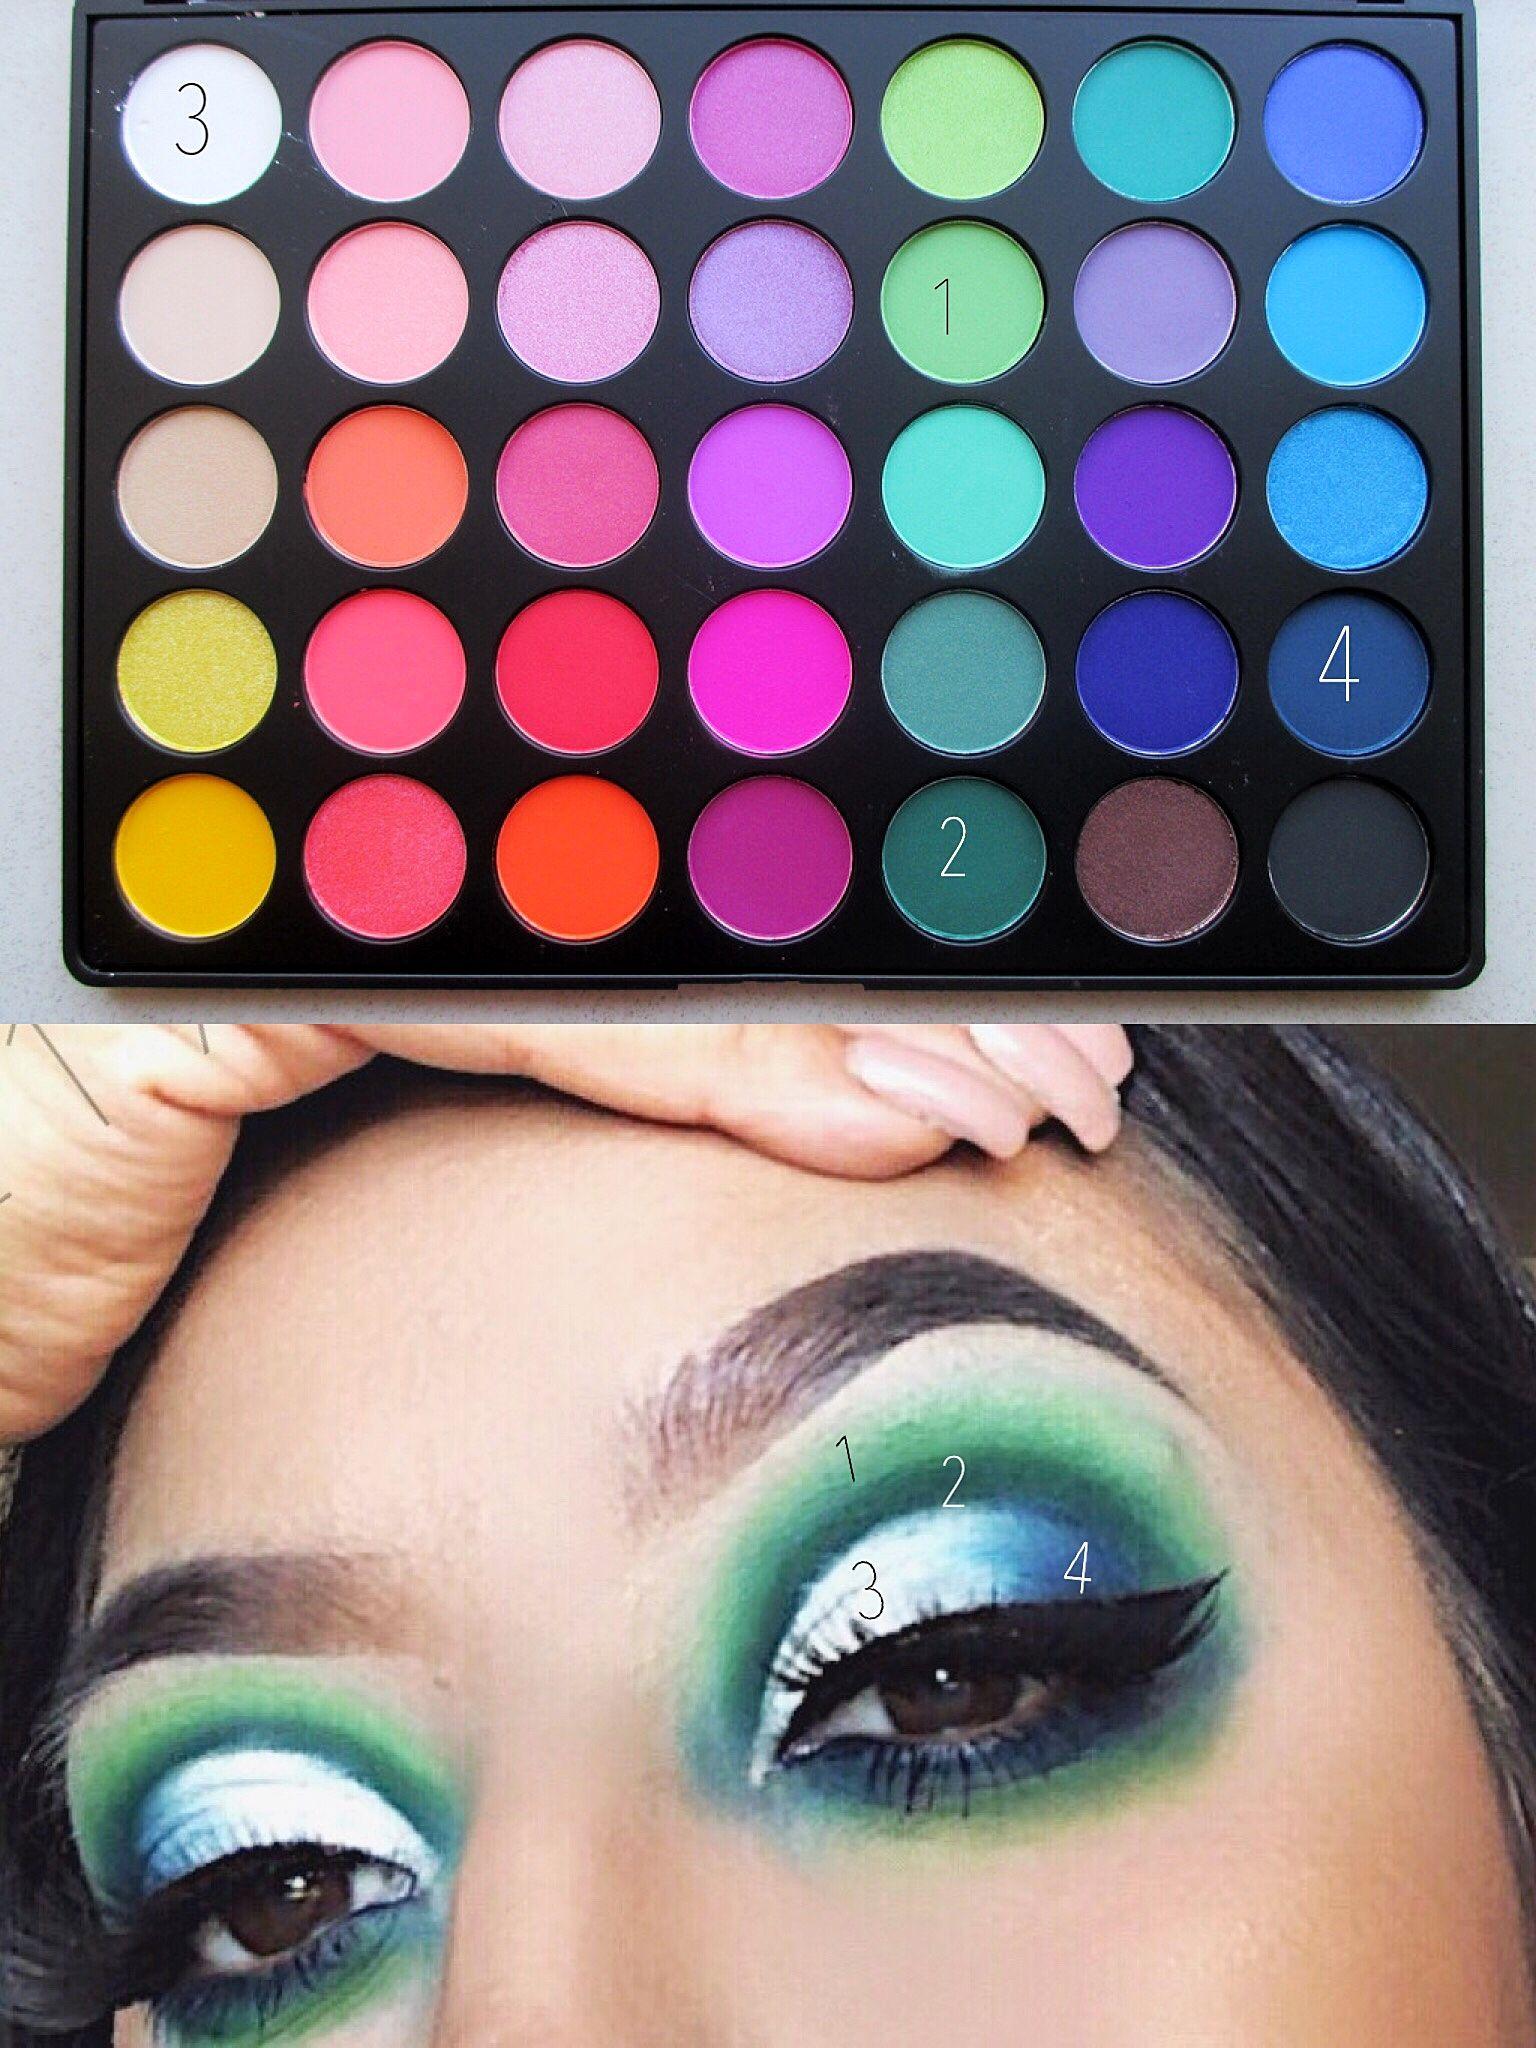 Morphe 35b Palette Look By Gigi2191 In 2019 Eyeshadow Makeup Morphe Eyeshadow Eye Makeup Art